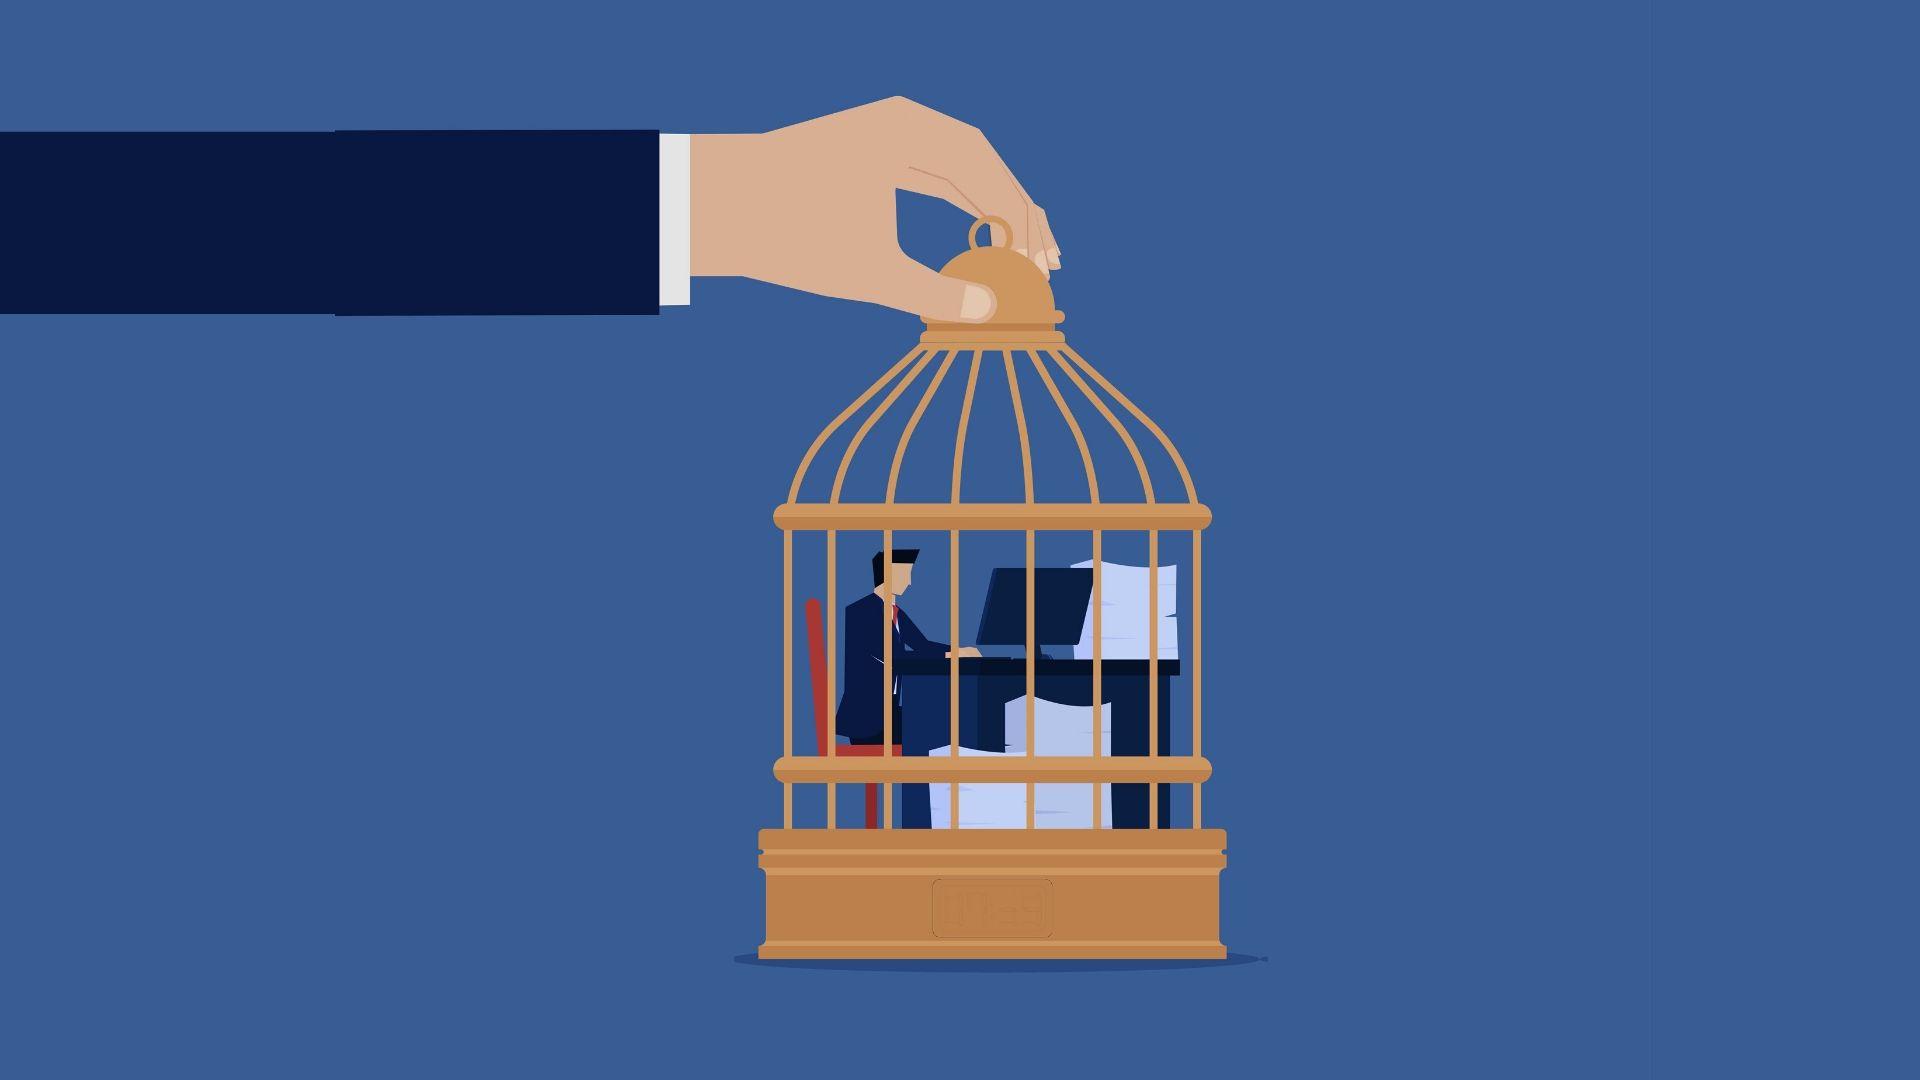 Emergenza sanitaria da Covid-19: poteri di regolazione e limitazione dei diritti e delle libertà fondamentali